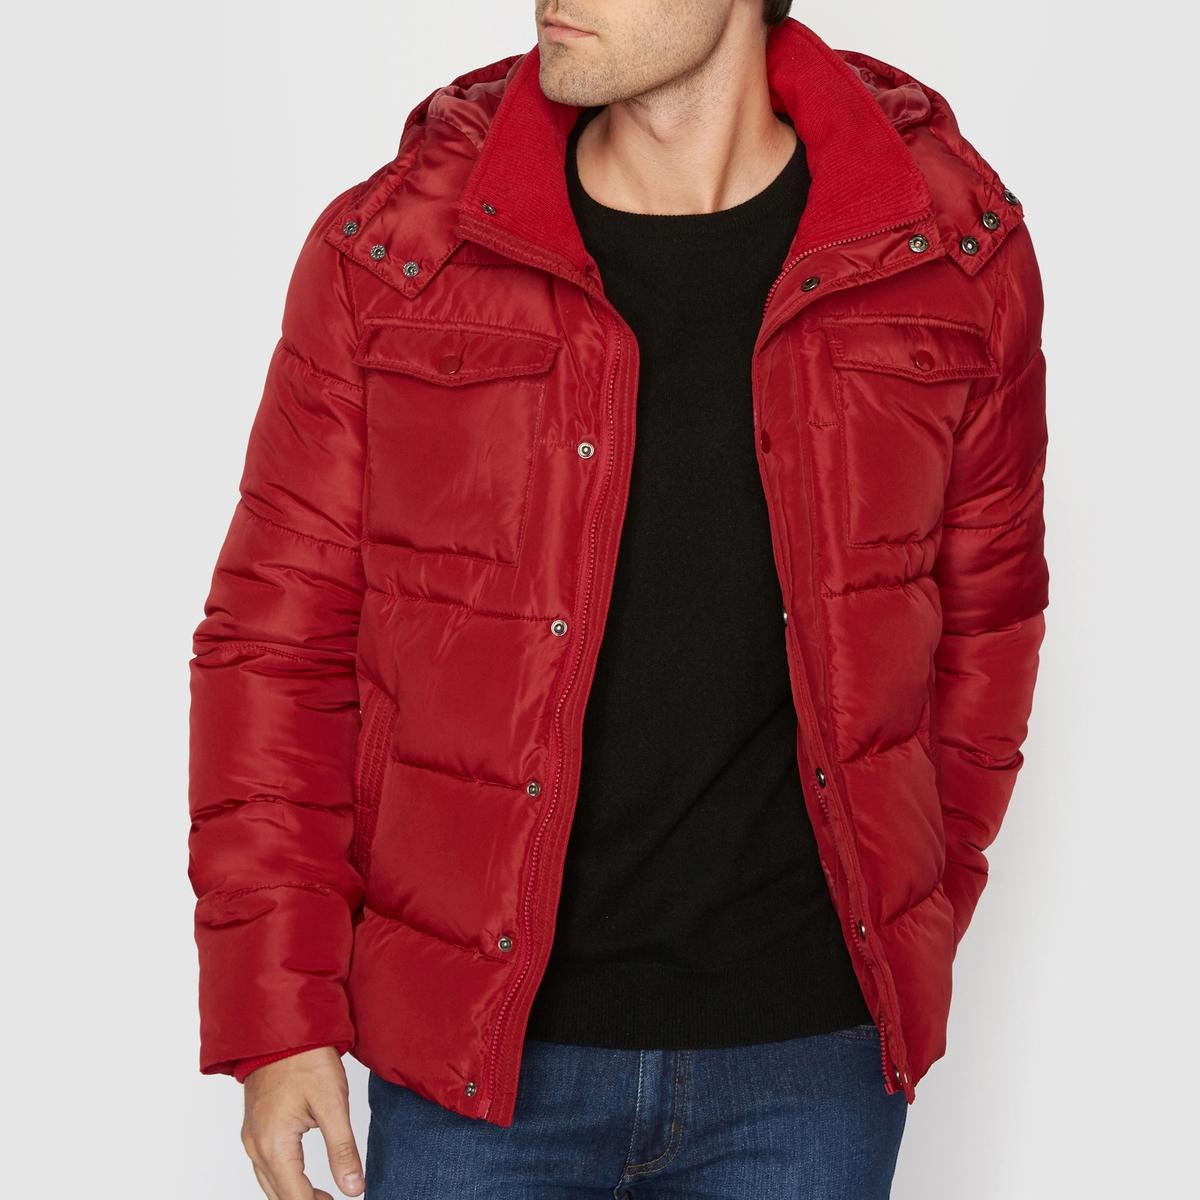 Куртка стеганая миди с капюшономСтеганая куртка миди с капюшоном R edition. Очень теплая и закрытая стеганая куртка: Стеганая куртка с практичными карманами, высоким воротником и капюшоном с клапаном защитит Вас от холода не только надежно, но и стильно! Материал : 100% полиэстерМарка :      R ?ditionНагрудные, боковые и внутренний карманы.Подкладка из 100% полиэстера..Застежка на молнию.<br><br>Цвет: бордовый<br>Размер: S